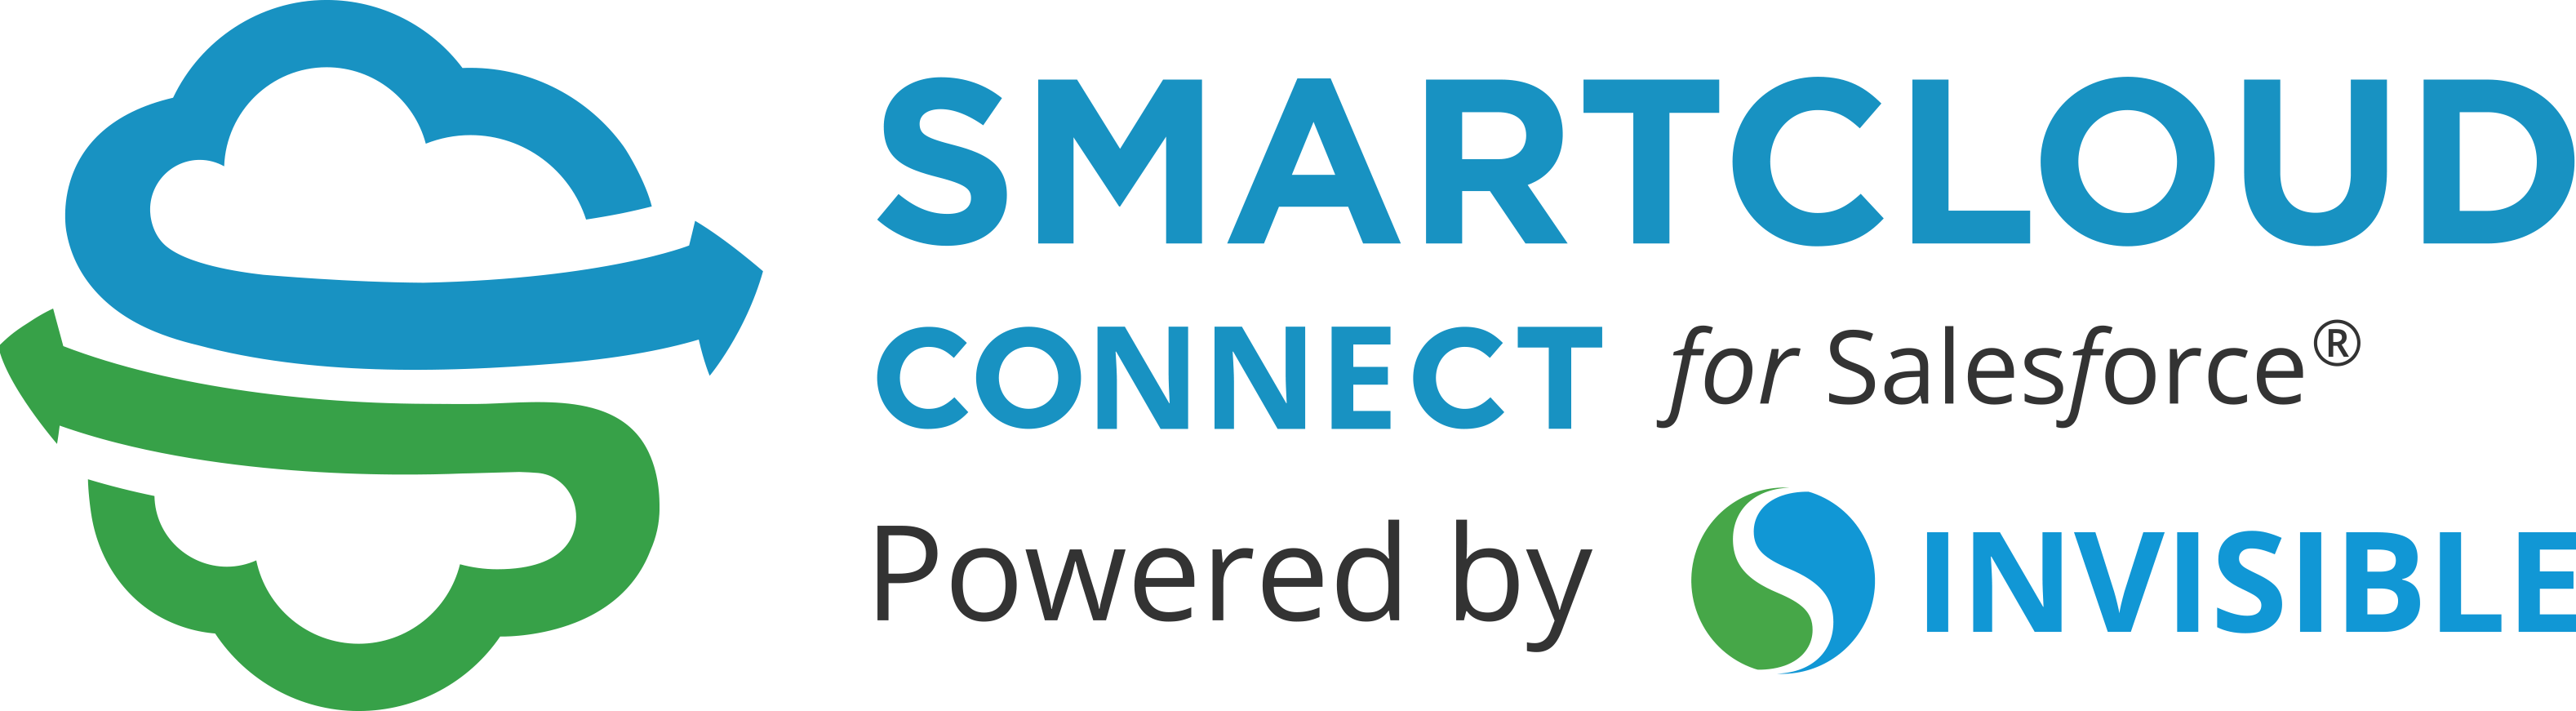 SMARTCLOUD CONNECT